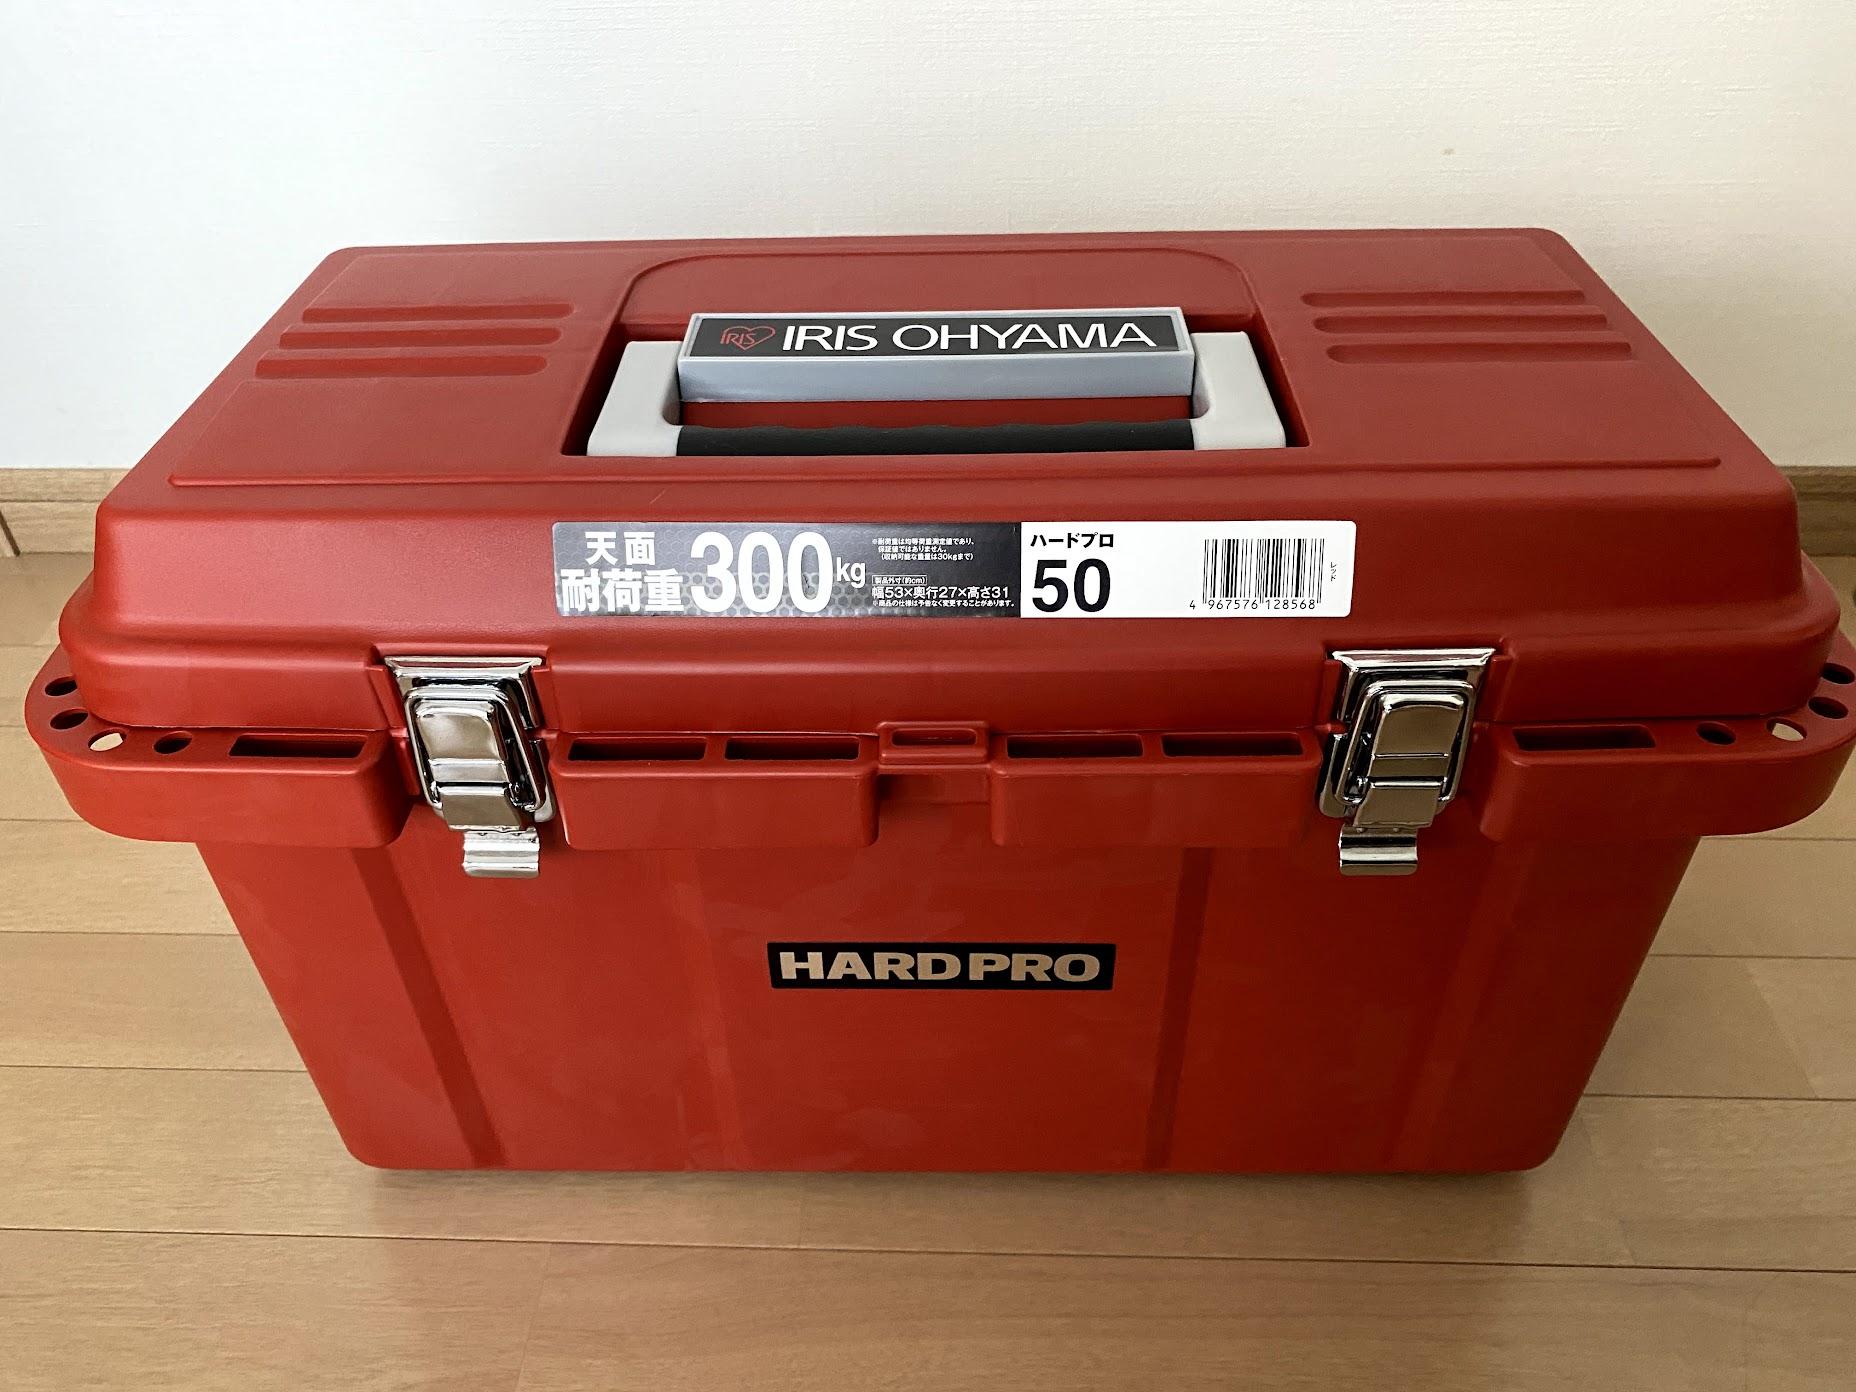 アイリスオーヤマ ハードプロ 50の外観